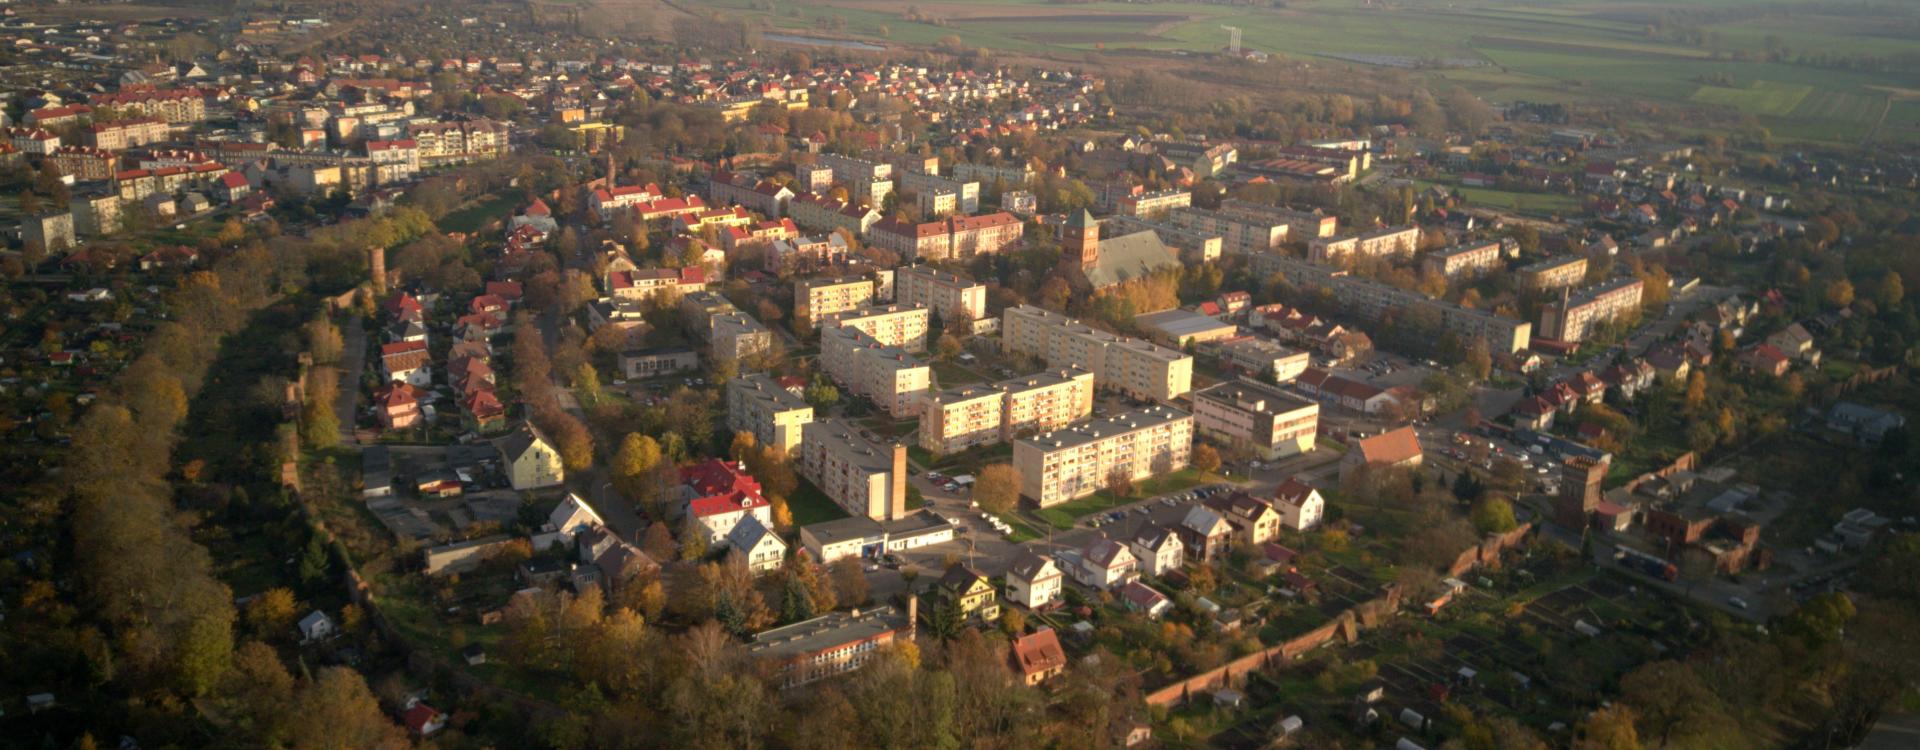 Nieruchomości w Pyrzycach | Mieszkania, domy, działki i lokale z naszej oferty w Pyrzycach